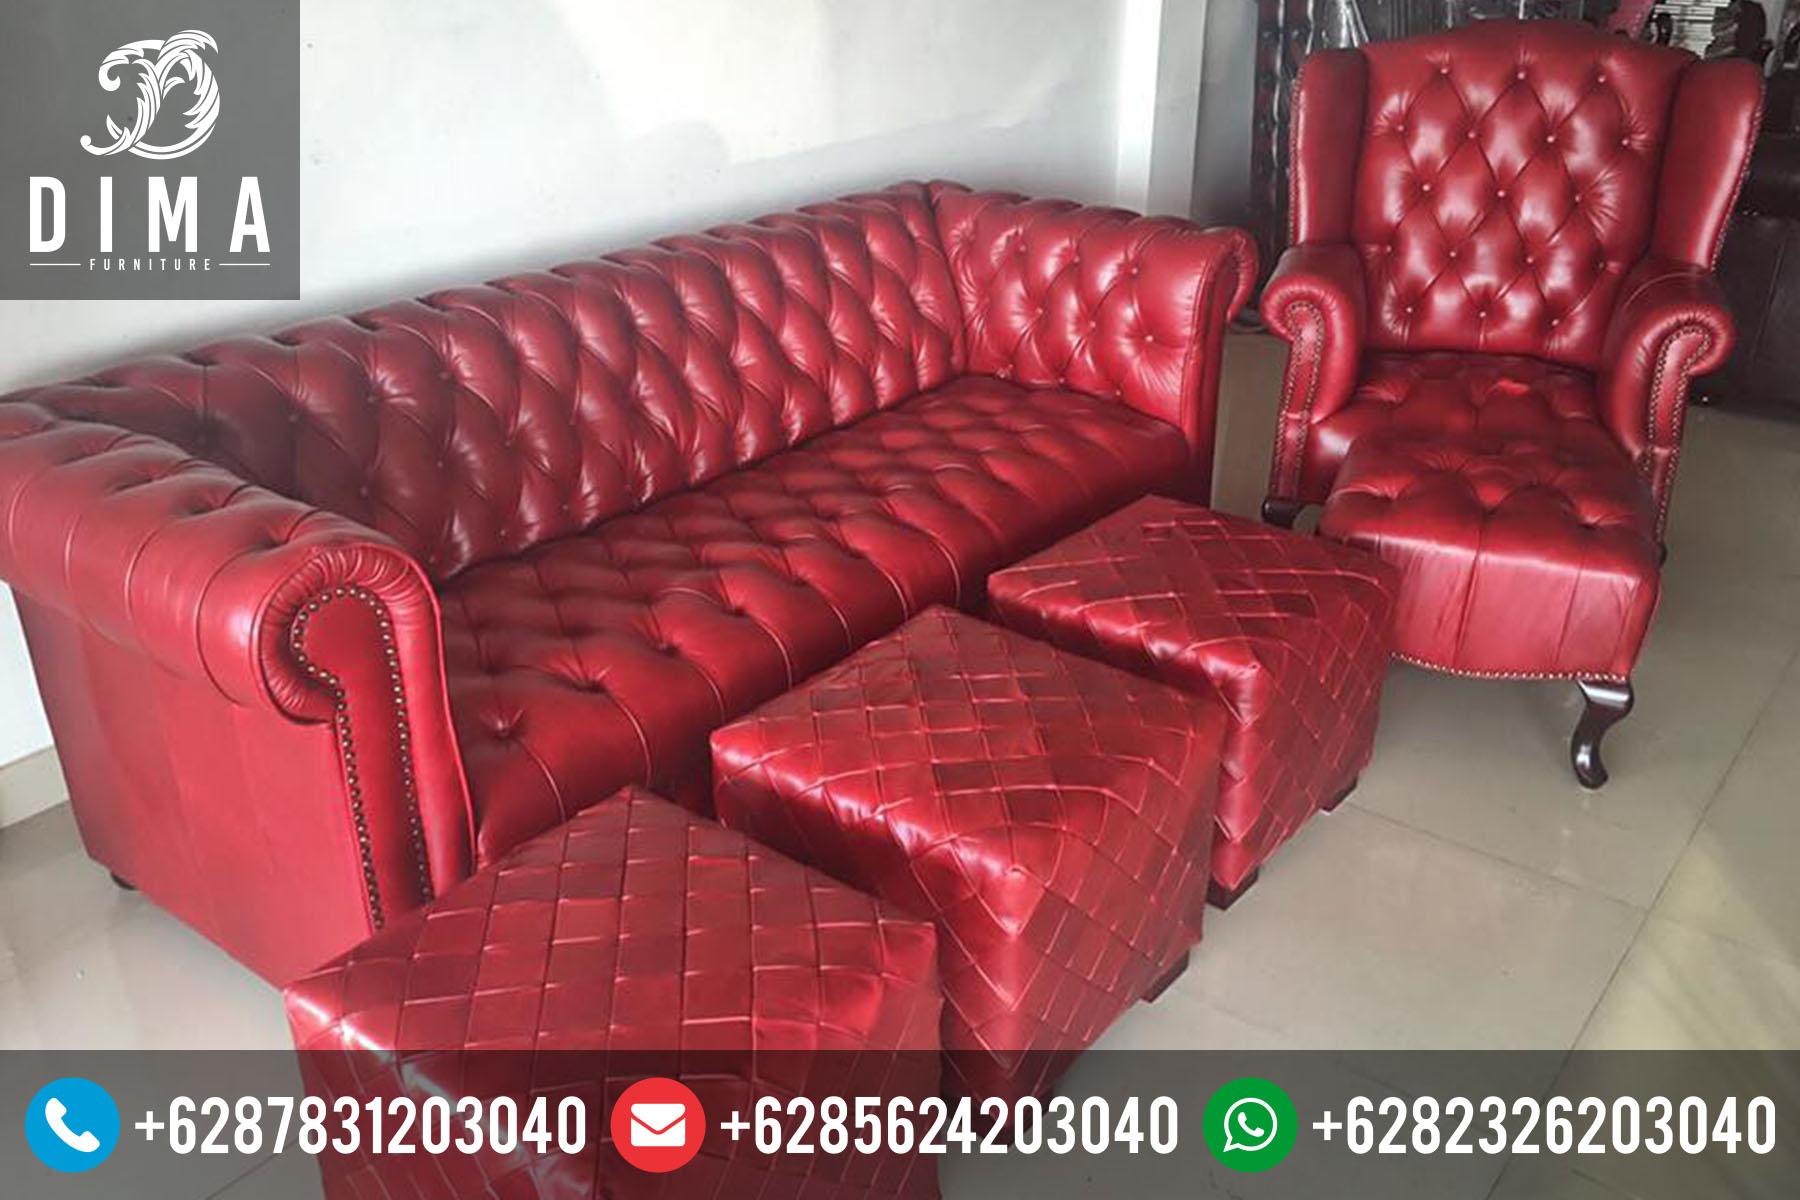 Mebel Murah Jepara Set Kursi Sofa Tamu Sofa Bed Minimalis Terbaru Murah ST-0060